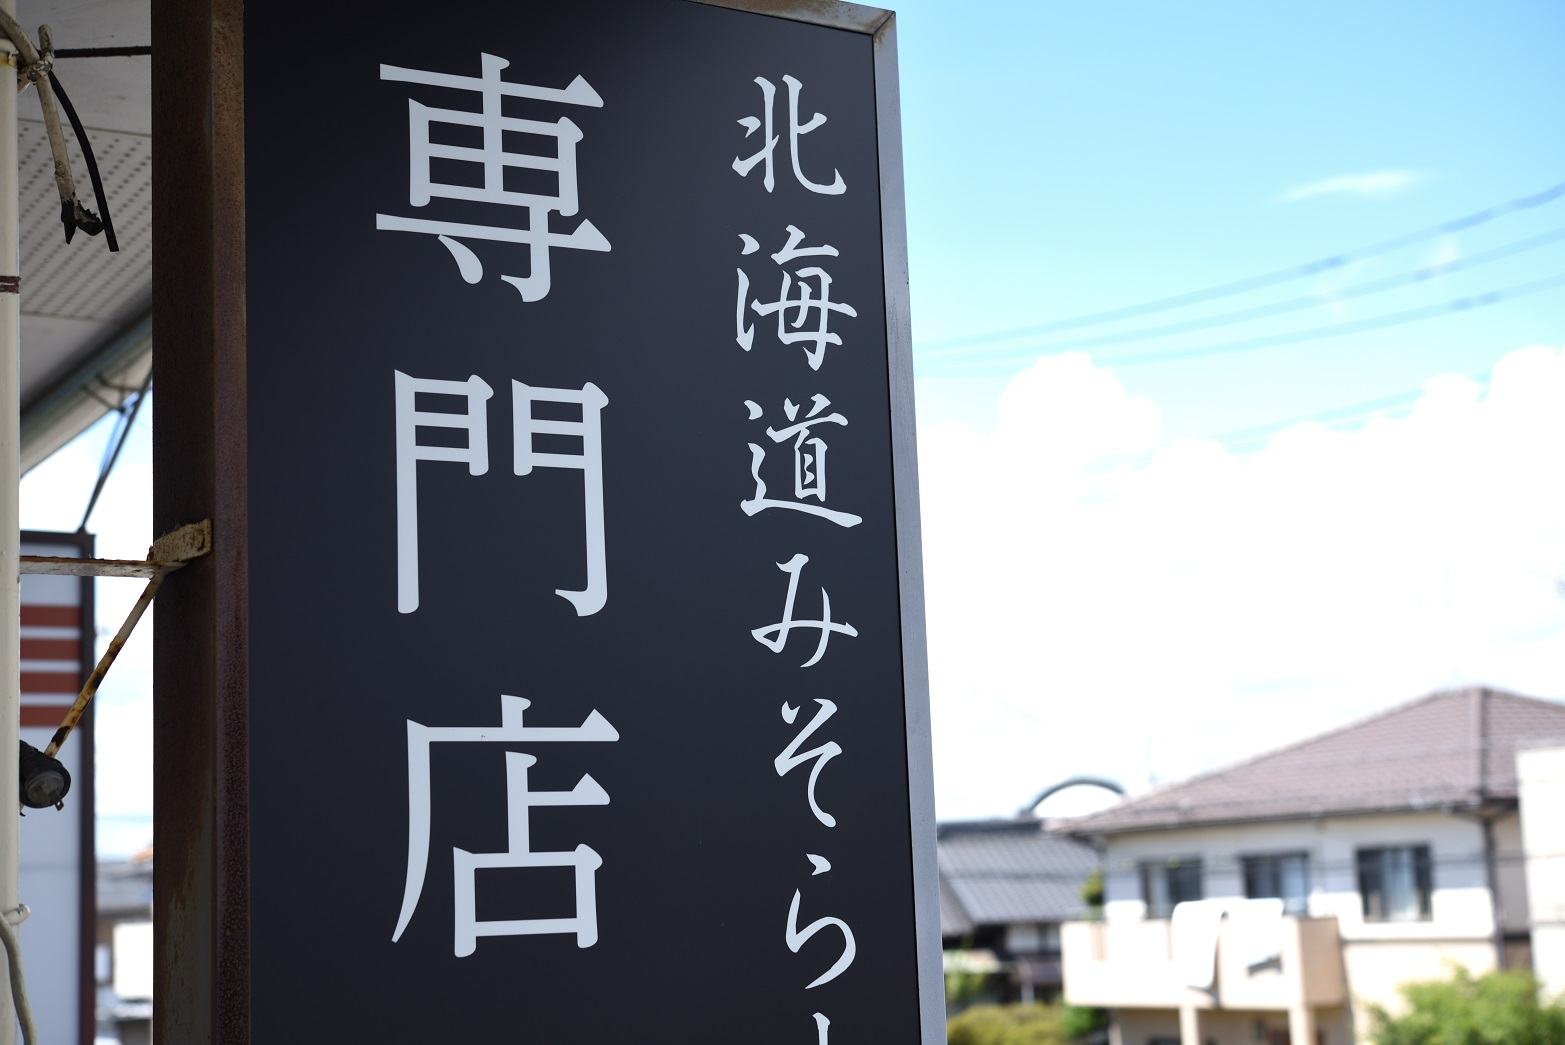 北海道みそらーめん専門店 志のや 志のやみそらーめん